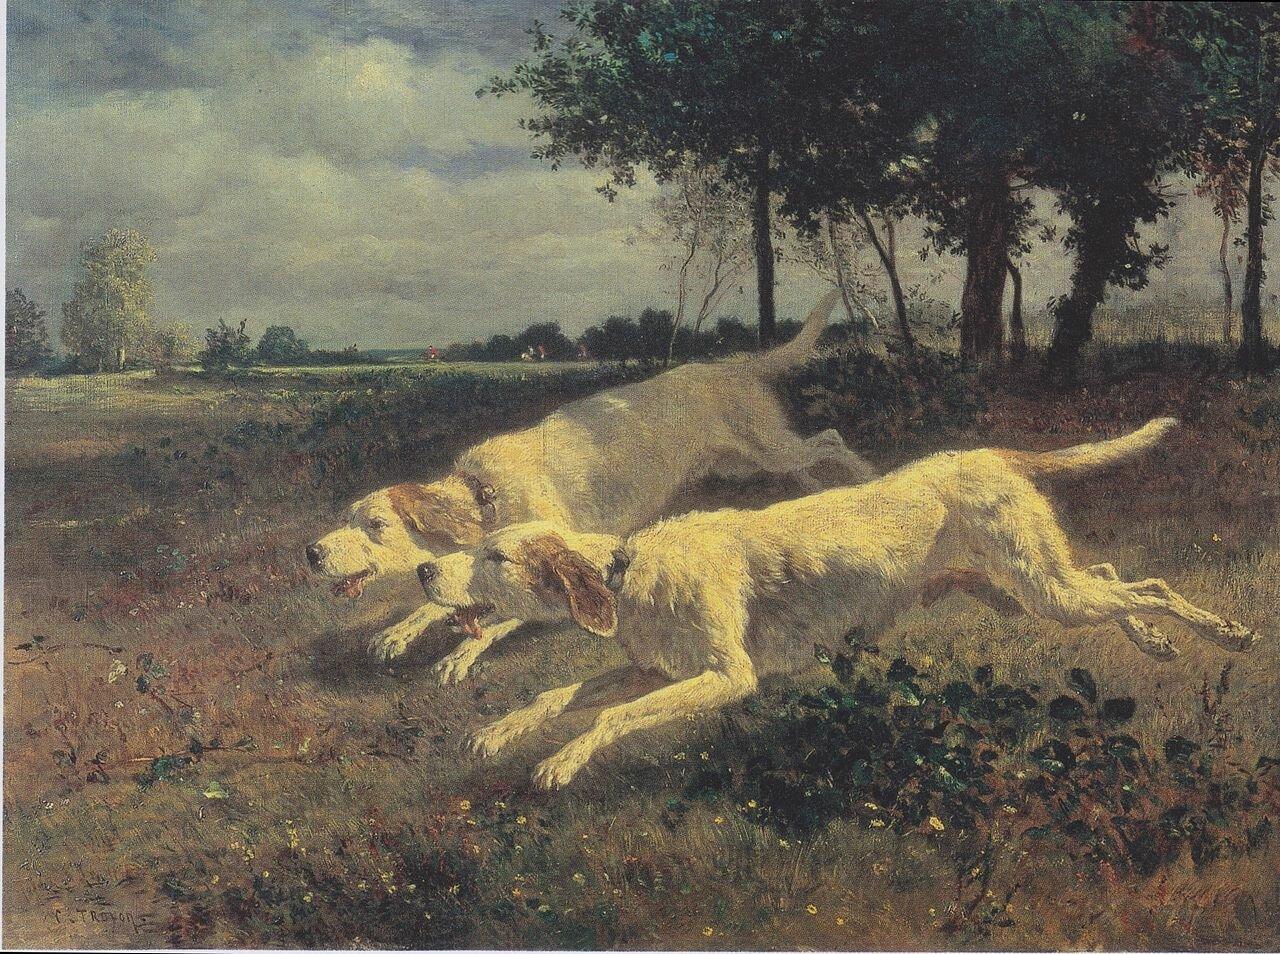 Бегущие собаки (1853), масло на холсте, Труайон, Констан(1810–1865); ГМИИ им. Пушкина